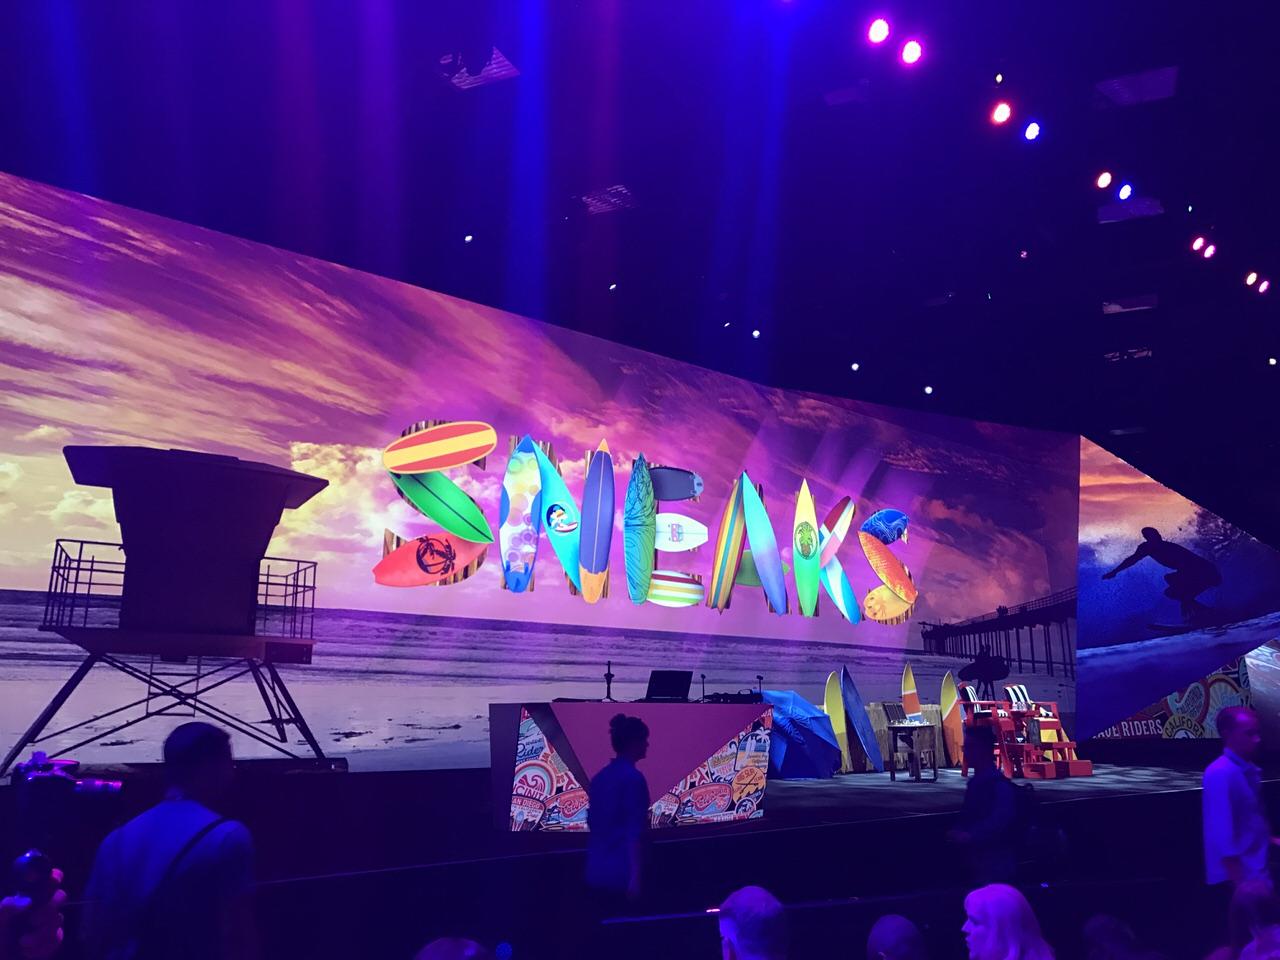 Adobe MAXの「SNEAKS(スニークス)」でチラ見せされたトンデモな技術たち #AdobeMAX #AD